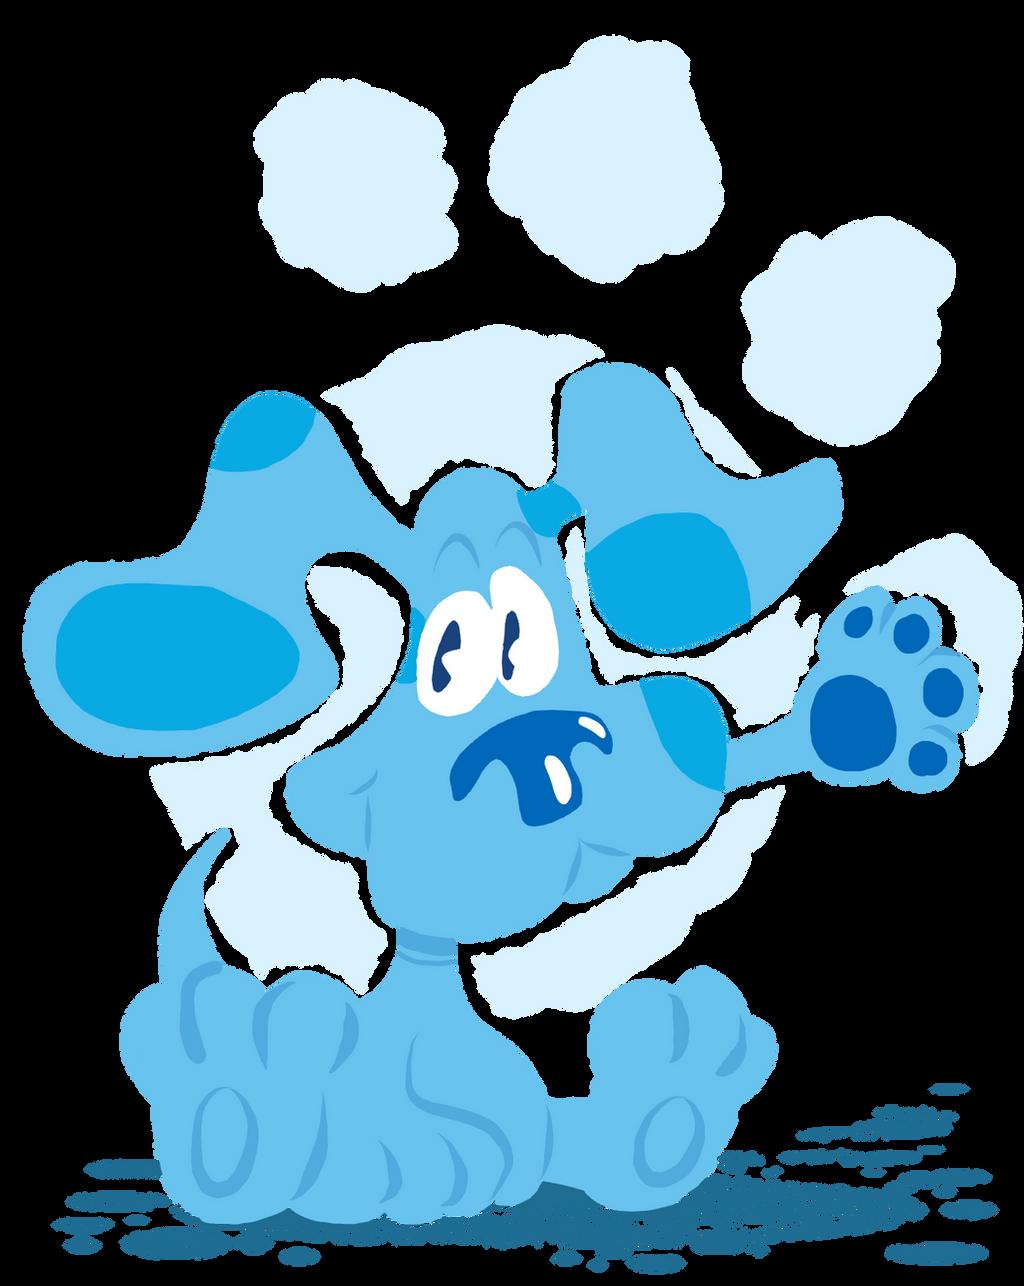 Blue's Clues by EeyorbStudios